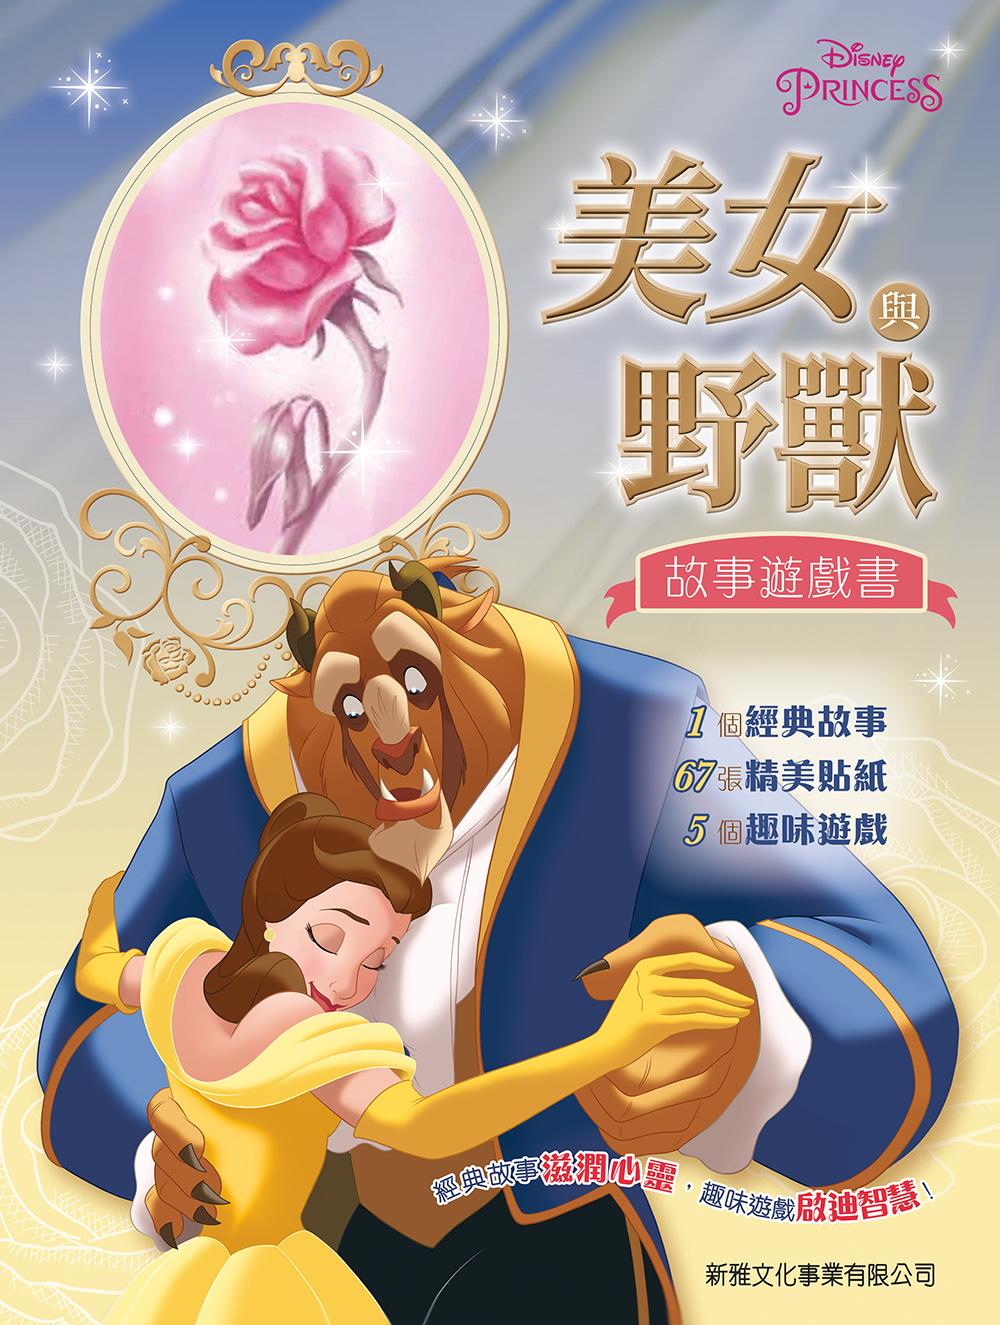 三聯書店   Joint Publishing HK - 迪士尼電影故事-反斗車王3(圖畫故事版)